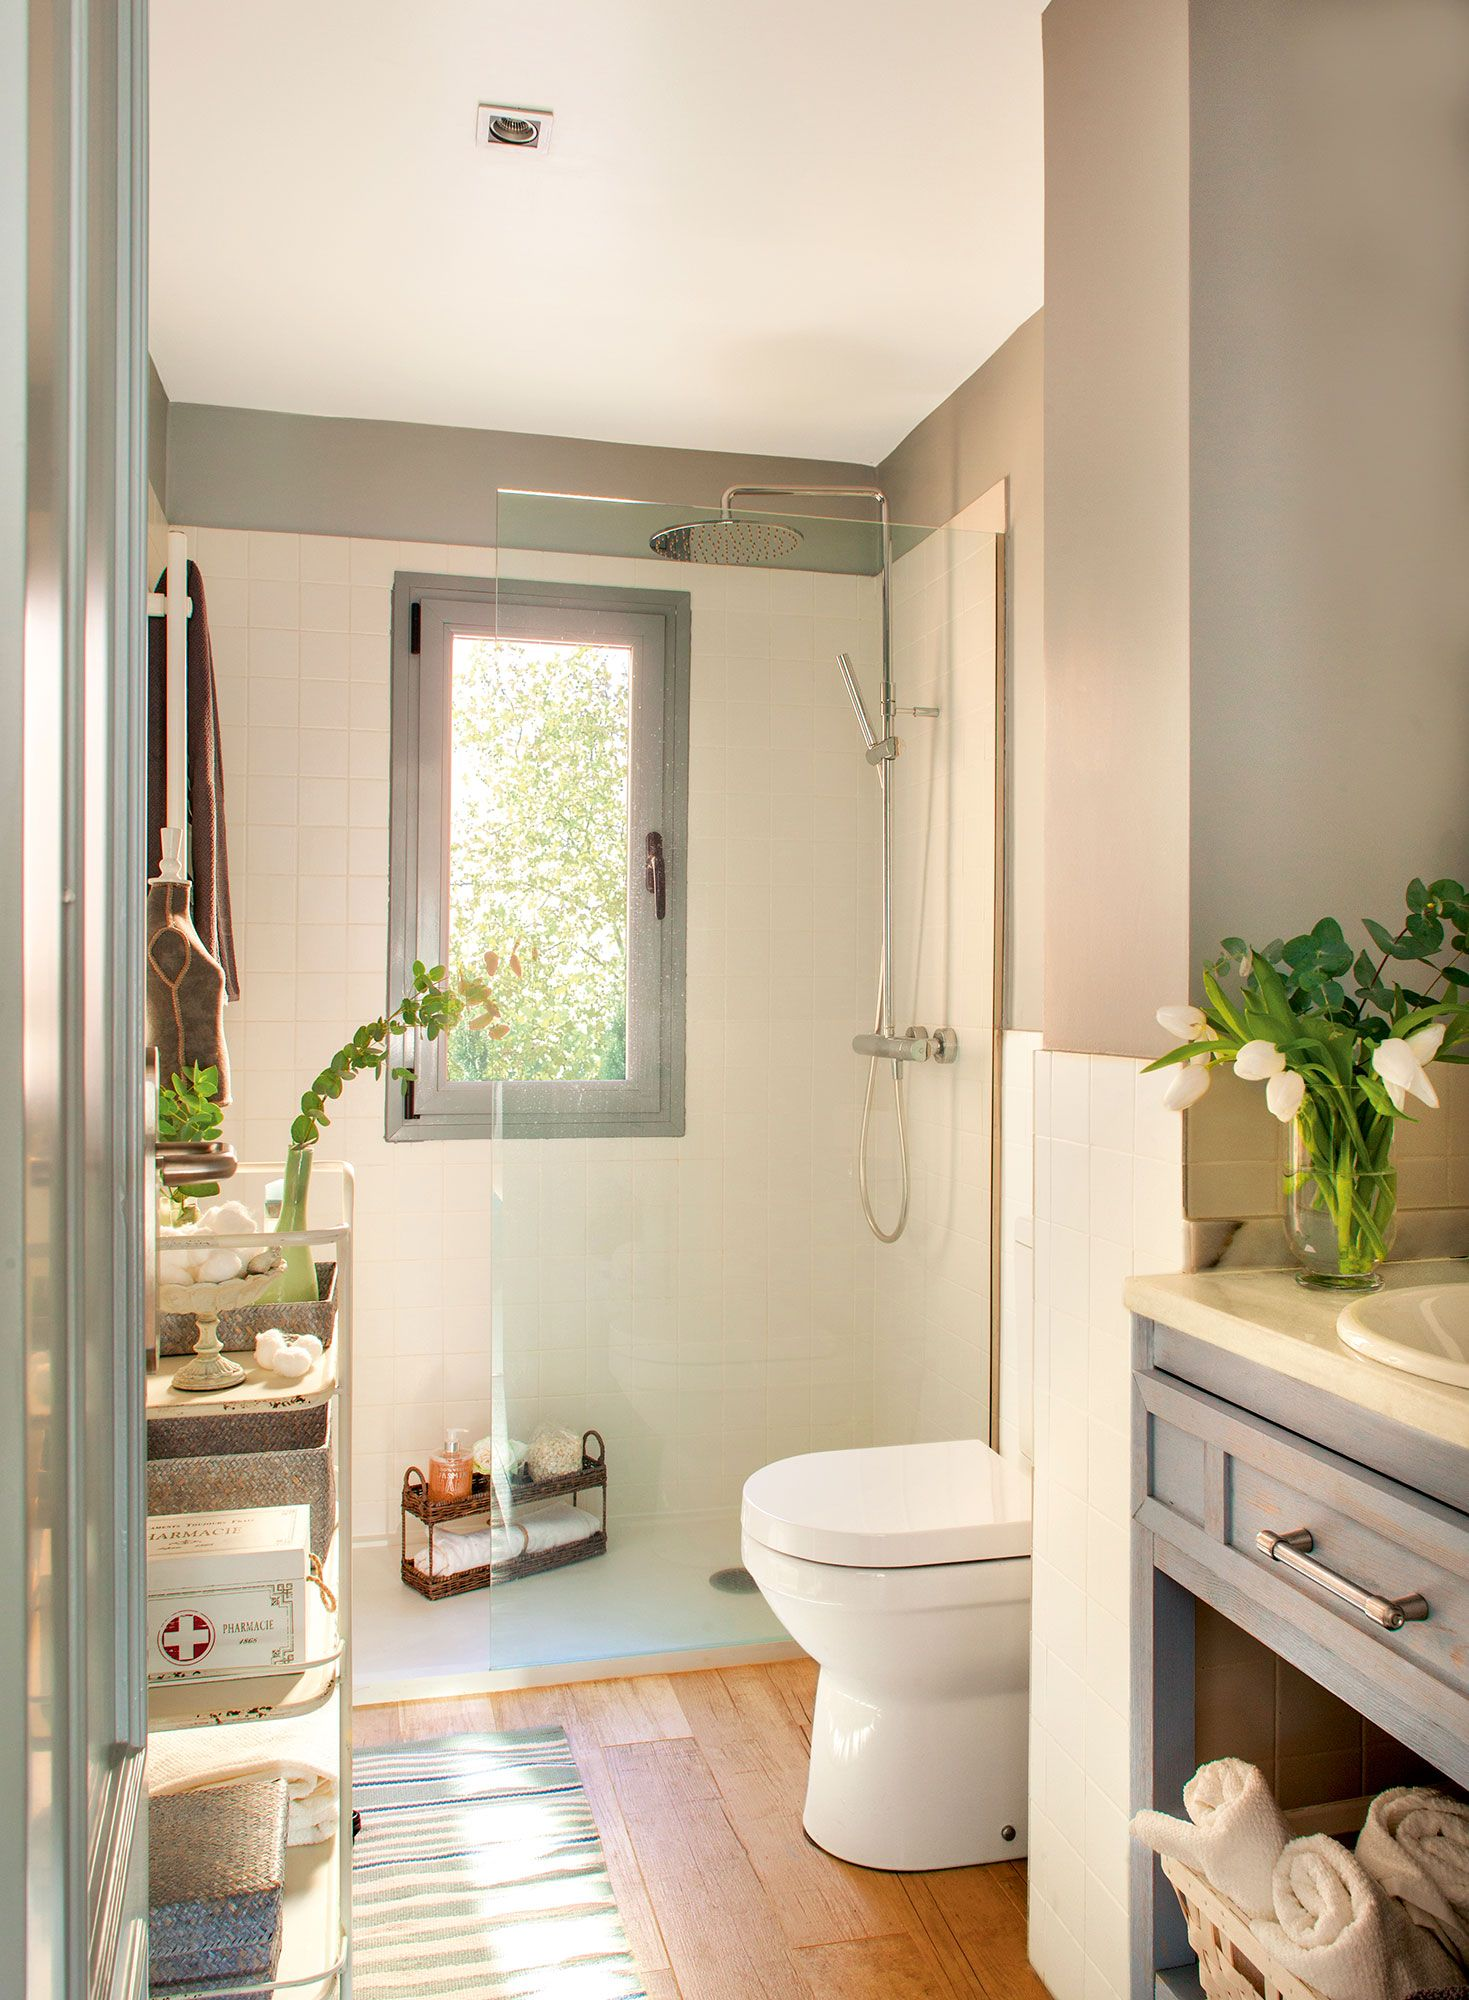 Claves para multiplicar la luz y la claridad del ba o ba os bathrooms pinterest ba o con - Luz para banos ...